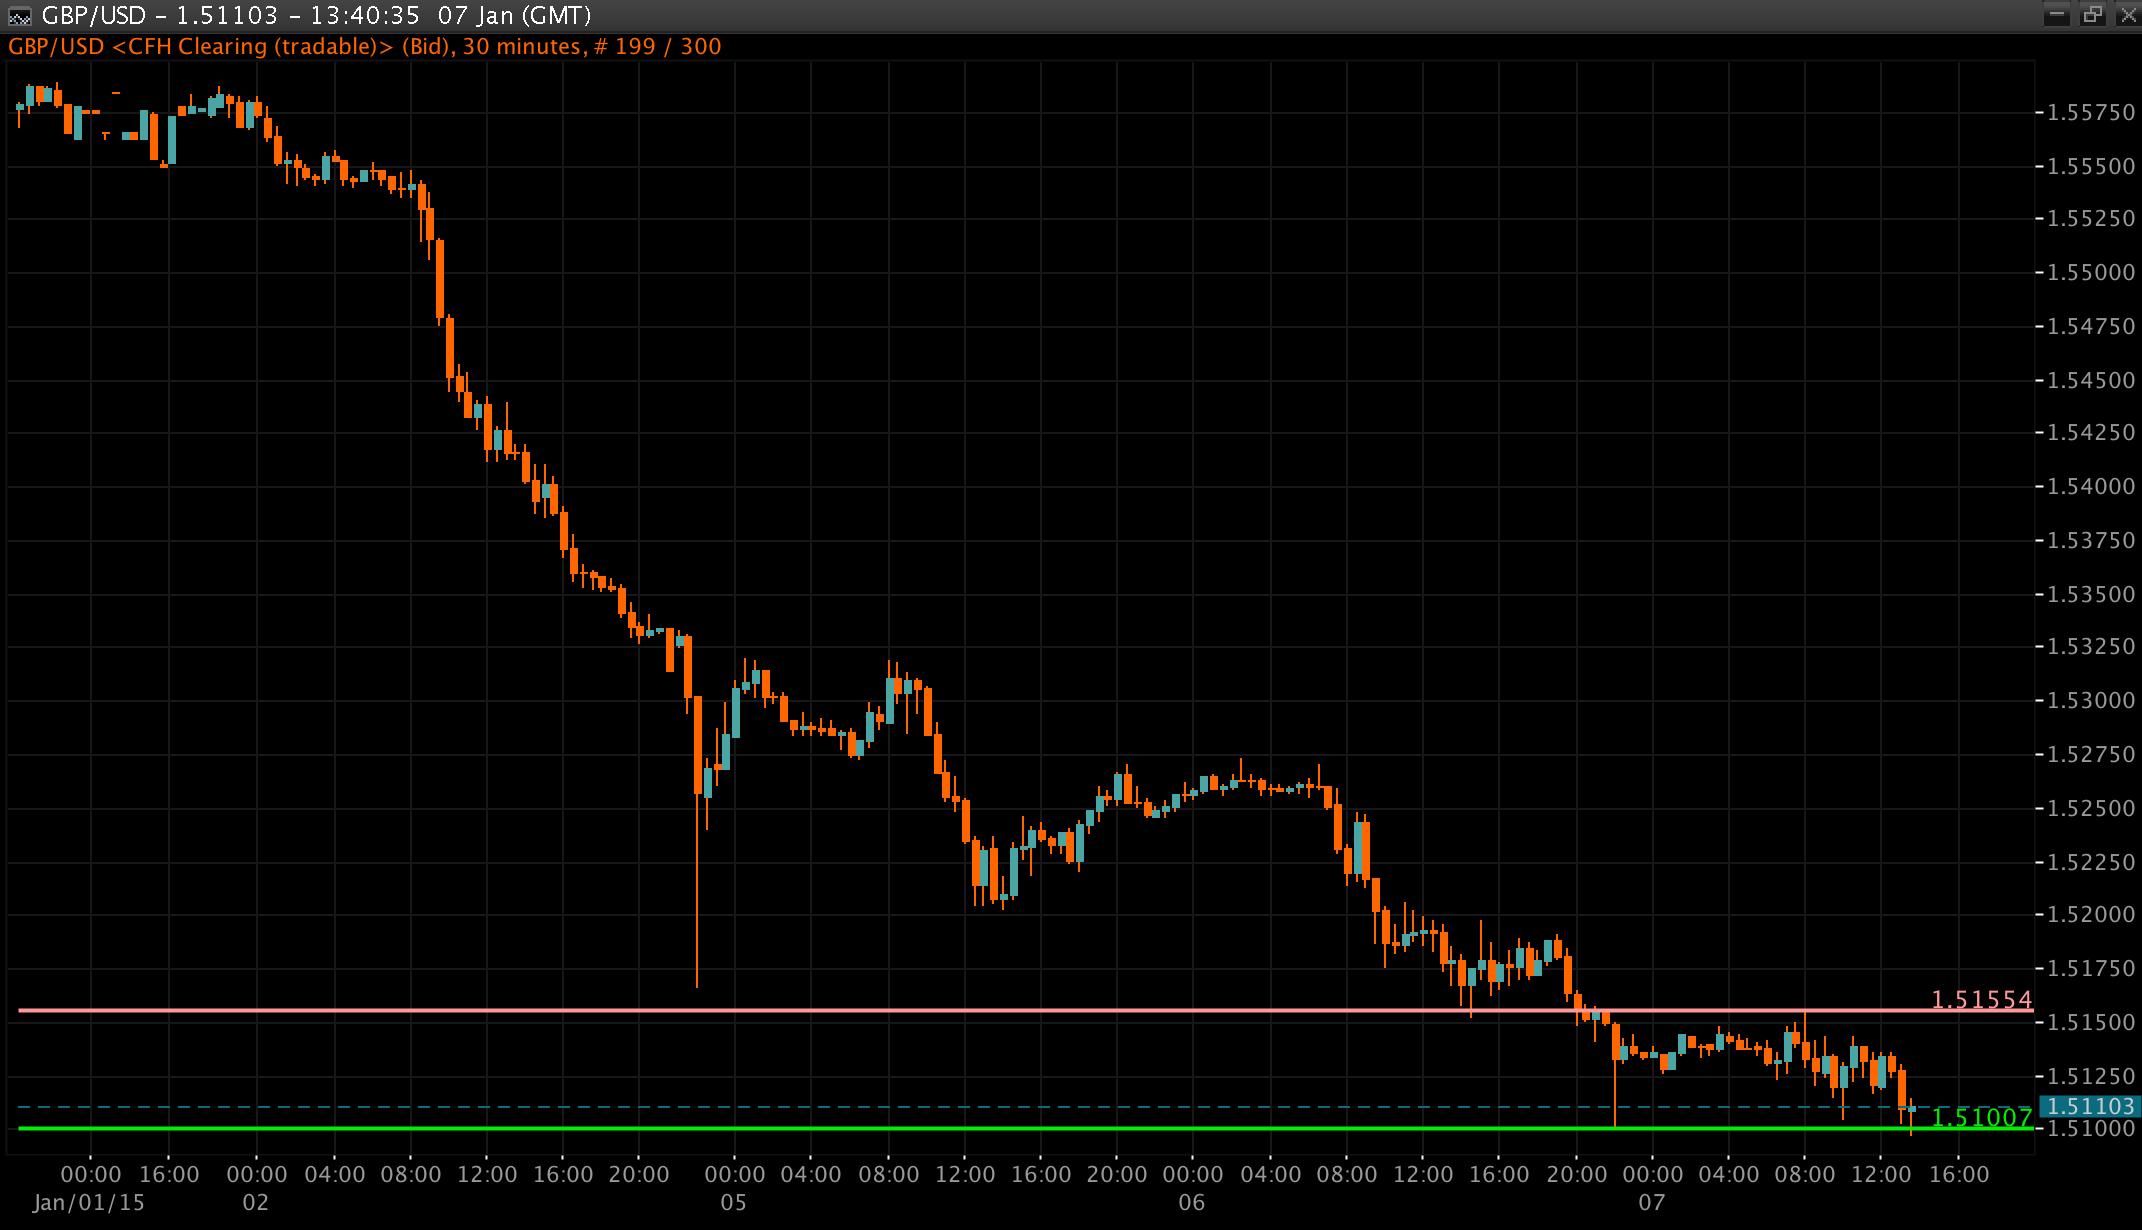 GBP/USD Chart 07 Jan 2014